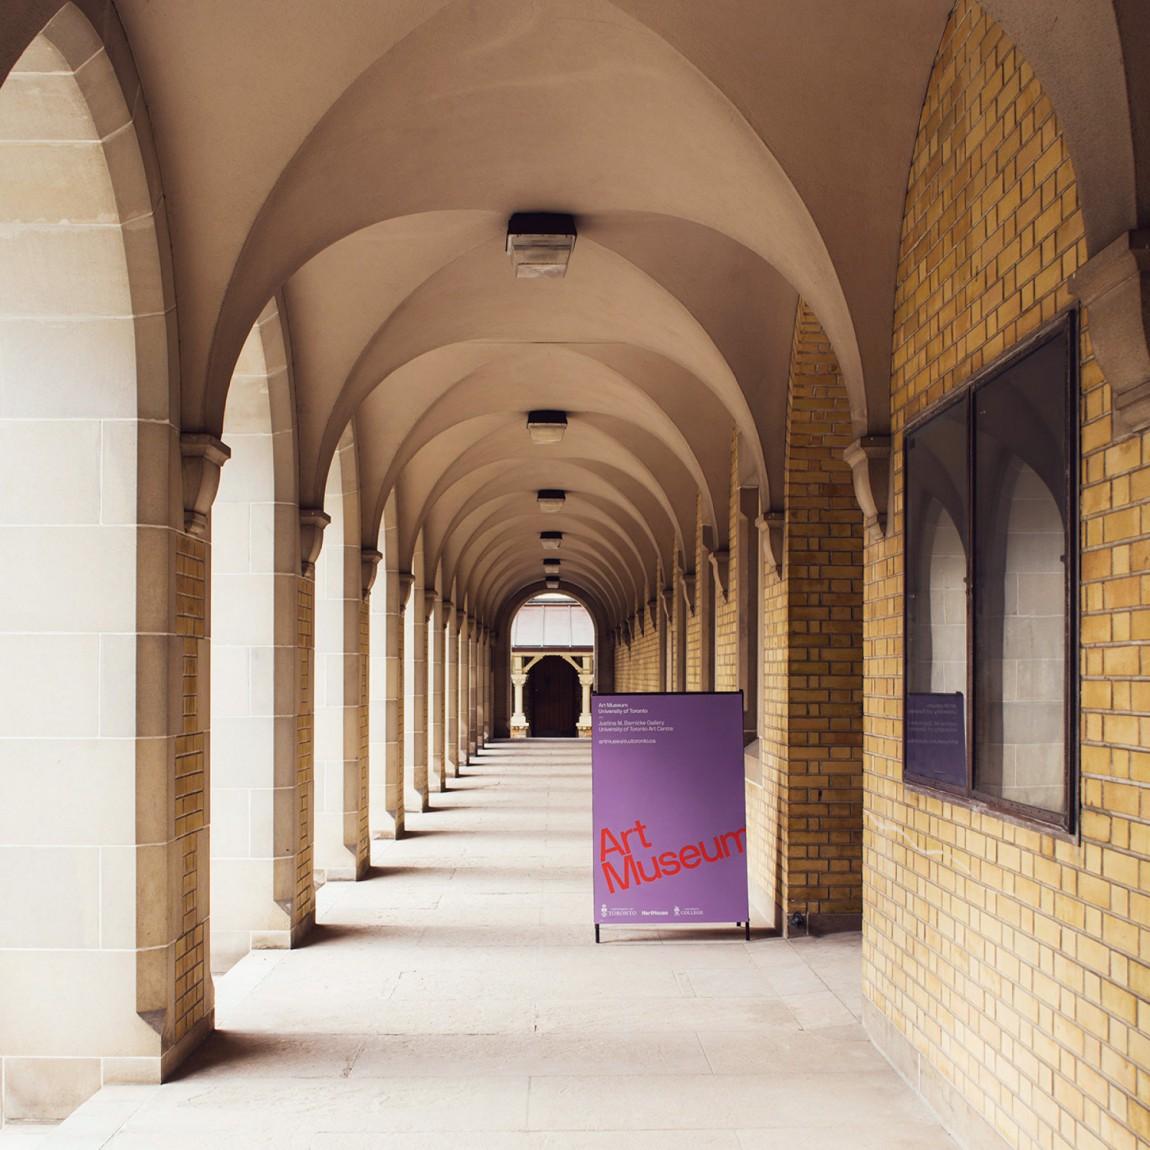 多伦教育机构品牌视觉识别系统设计,公告牌设计